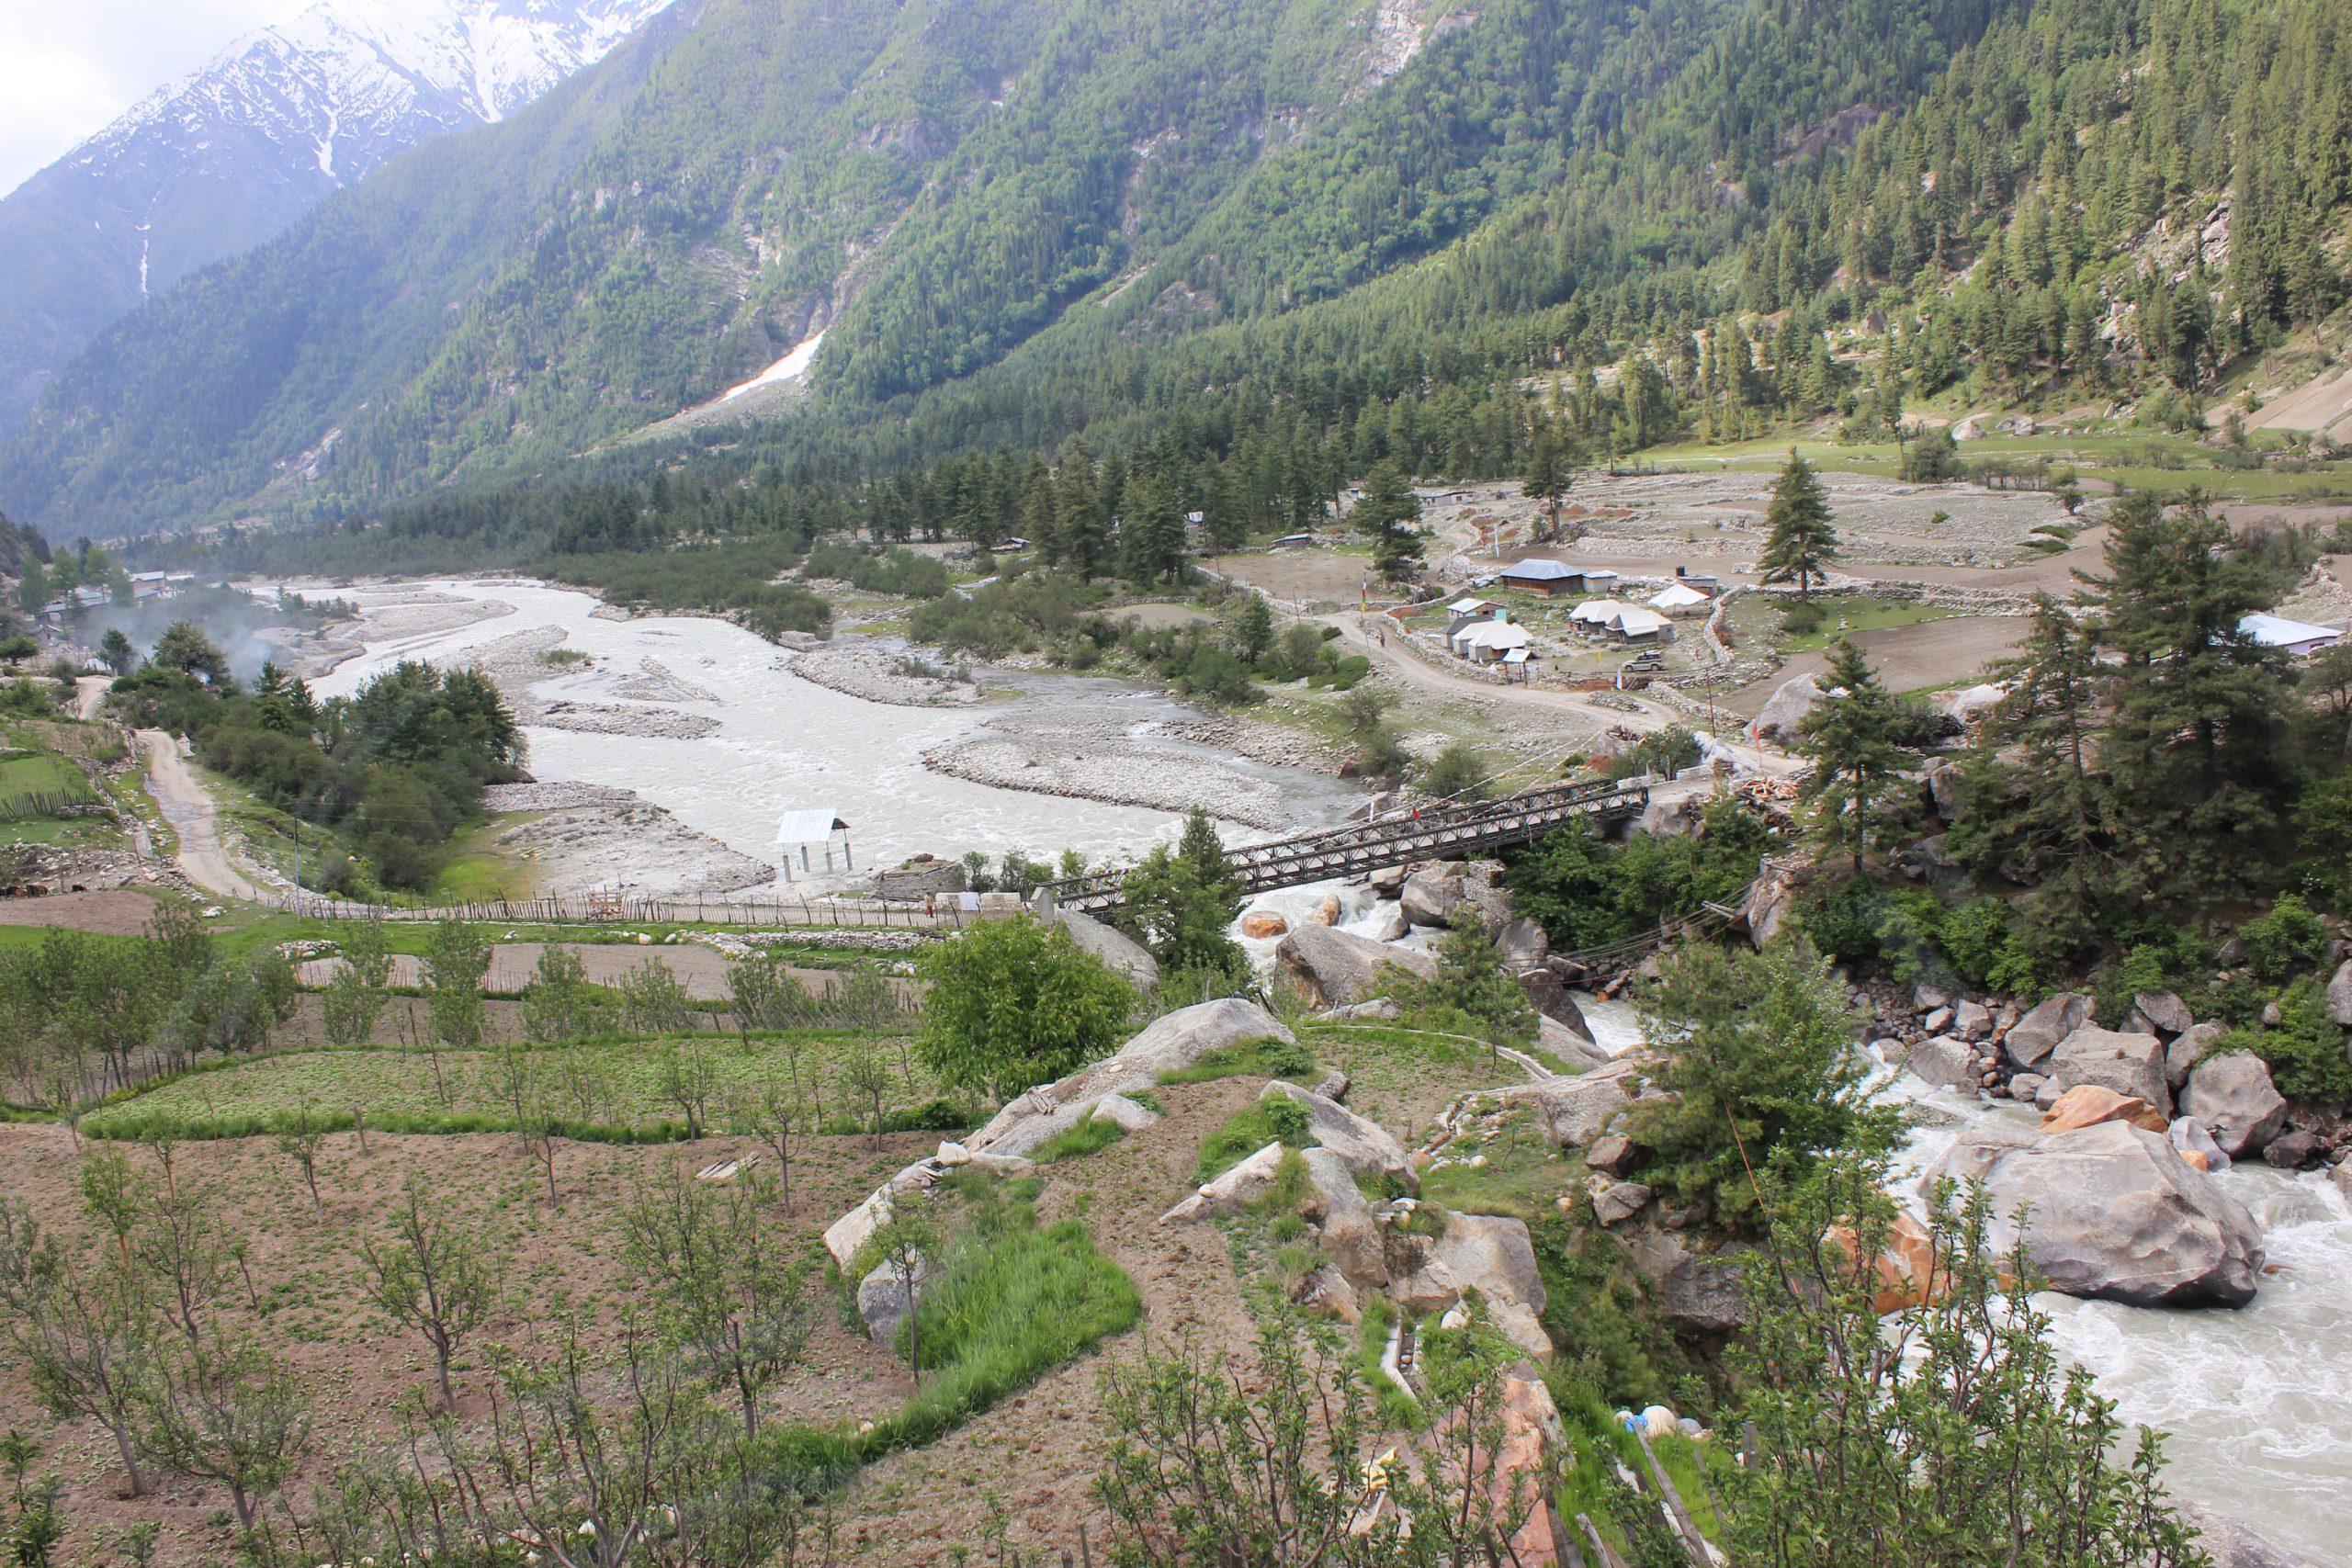 A view of Rakchham village in Sangla valley